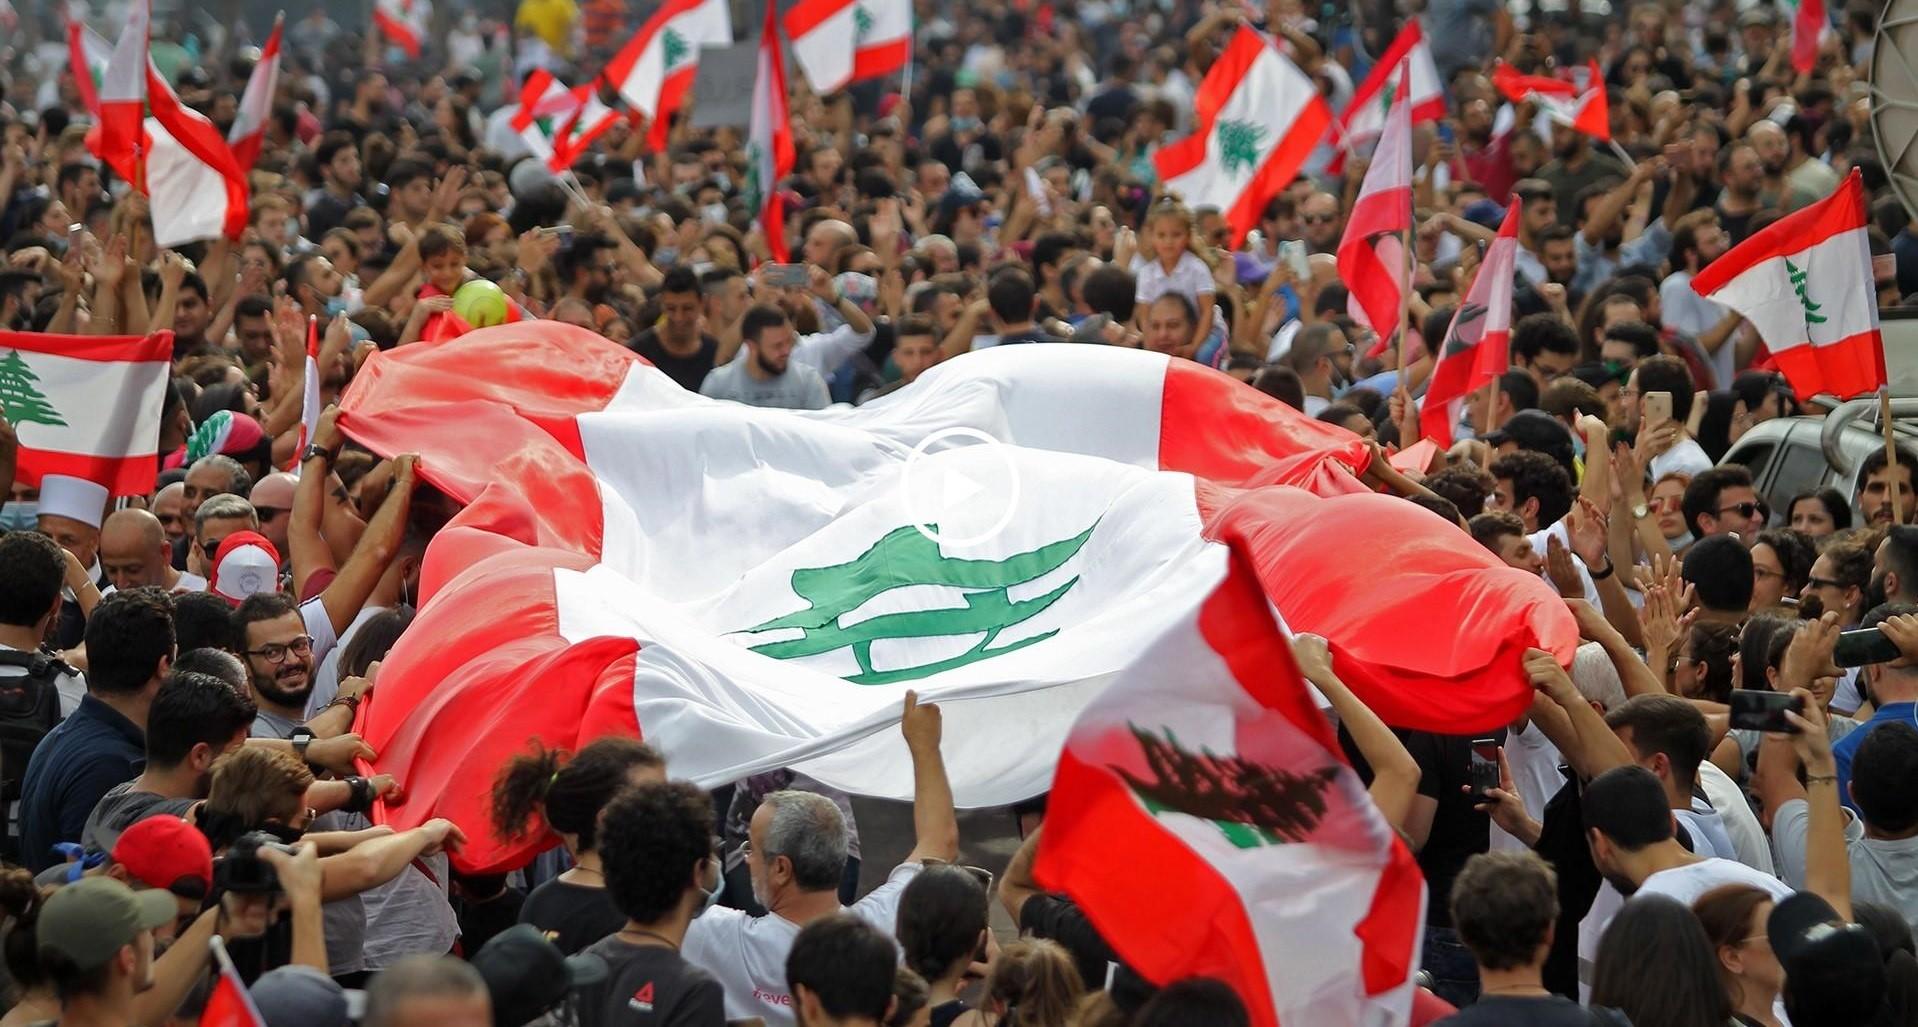 محاولات خبيثة لتوظيف الاحتجاجات اللبنانية للنيل من